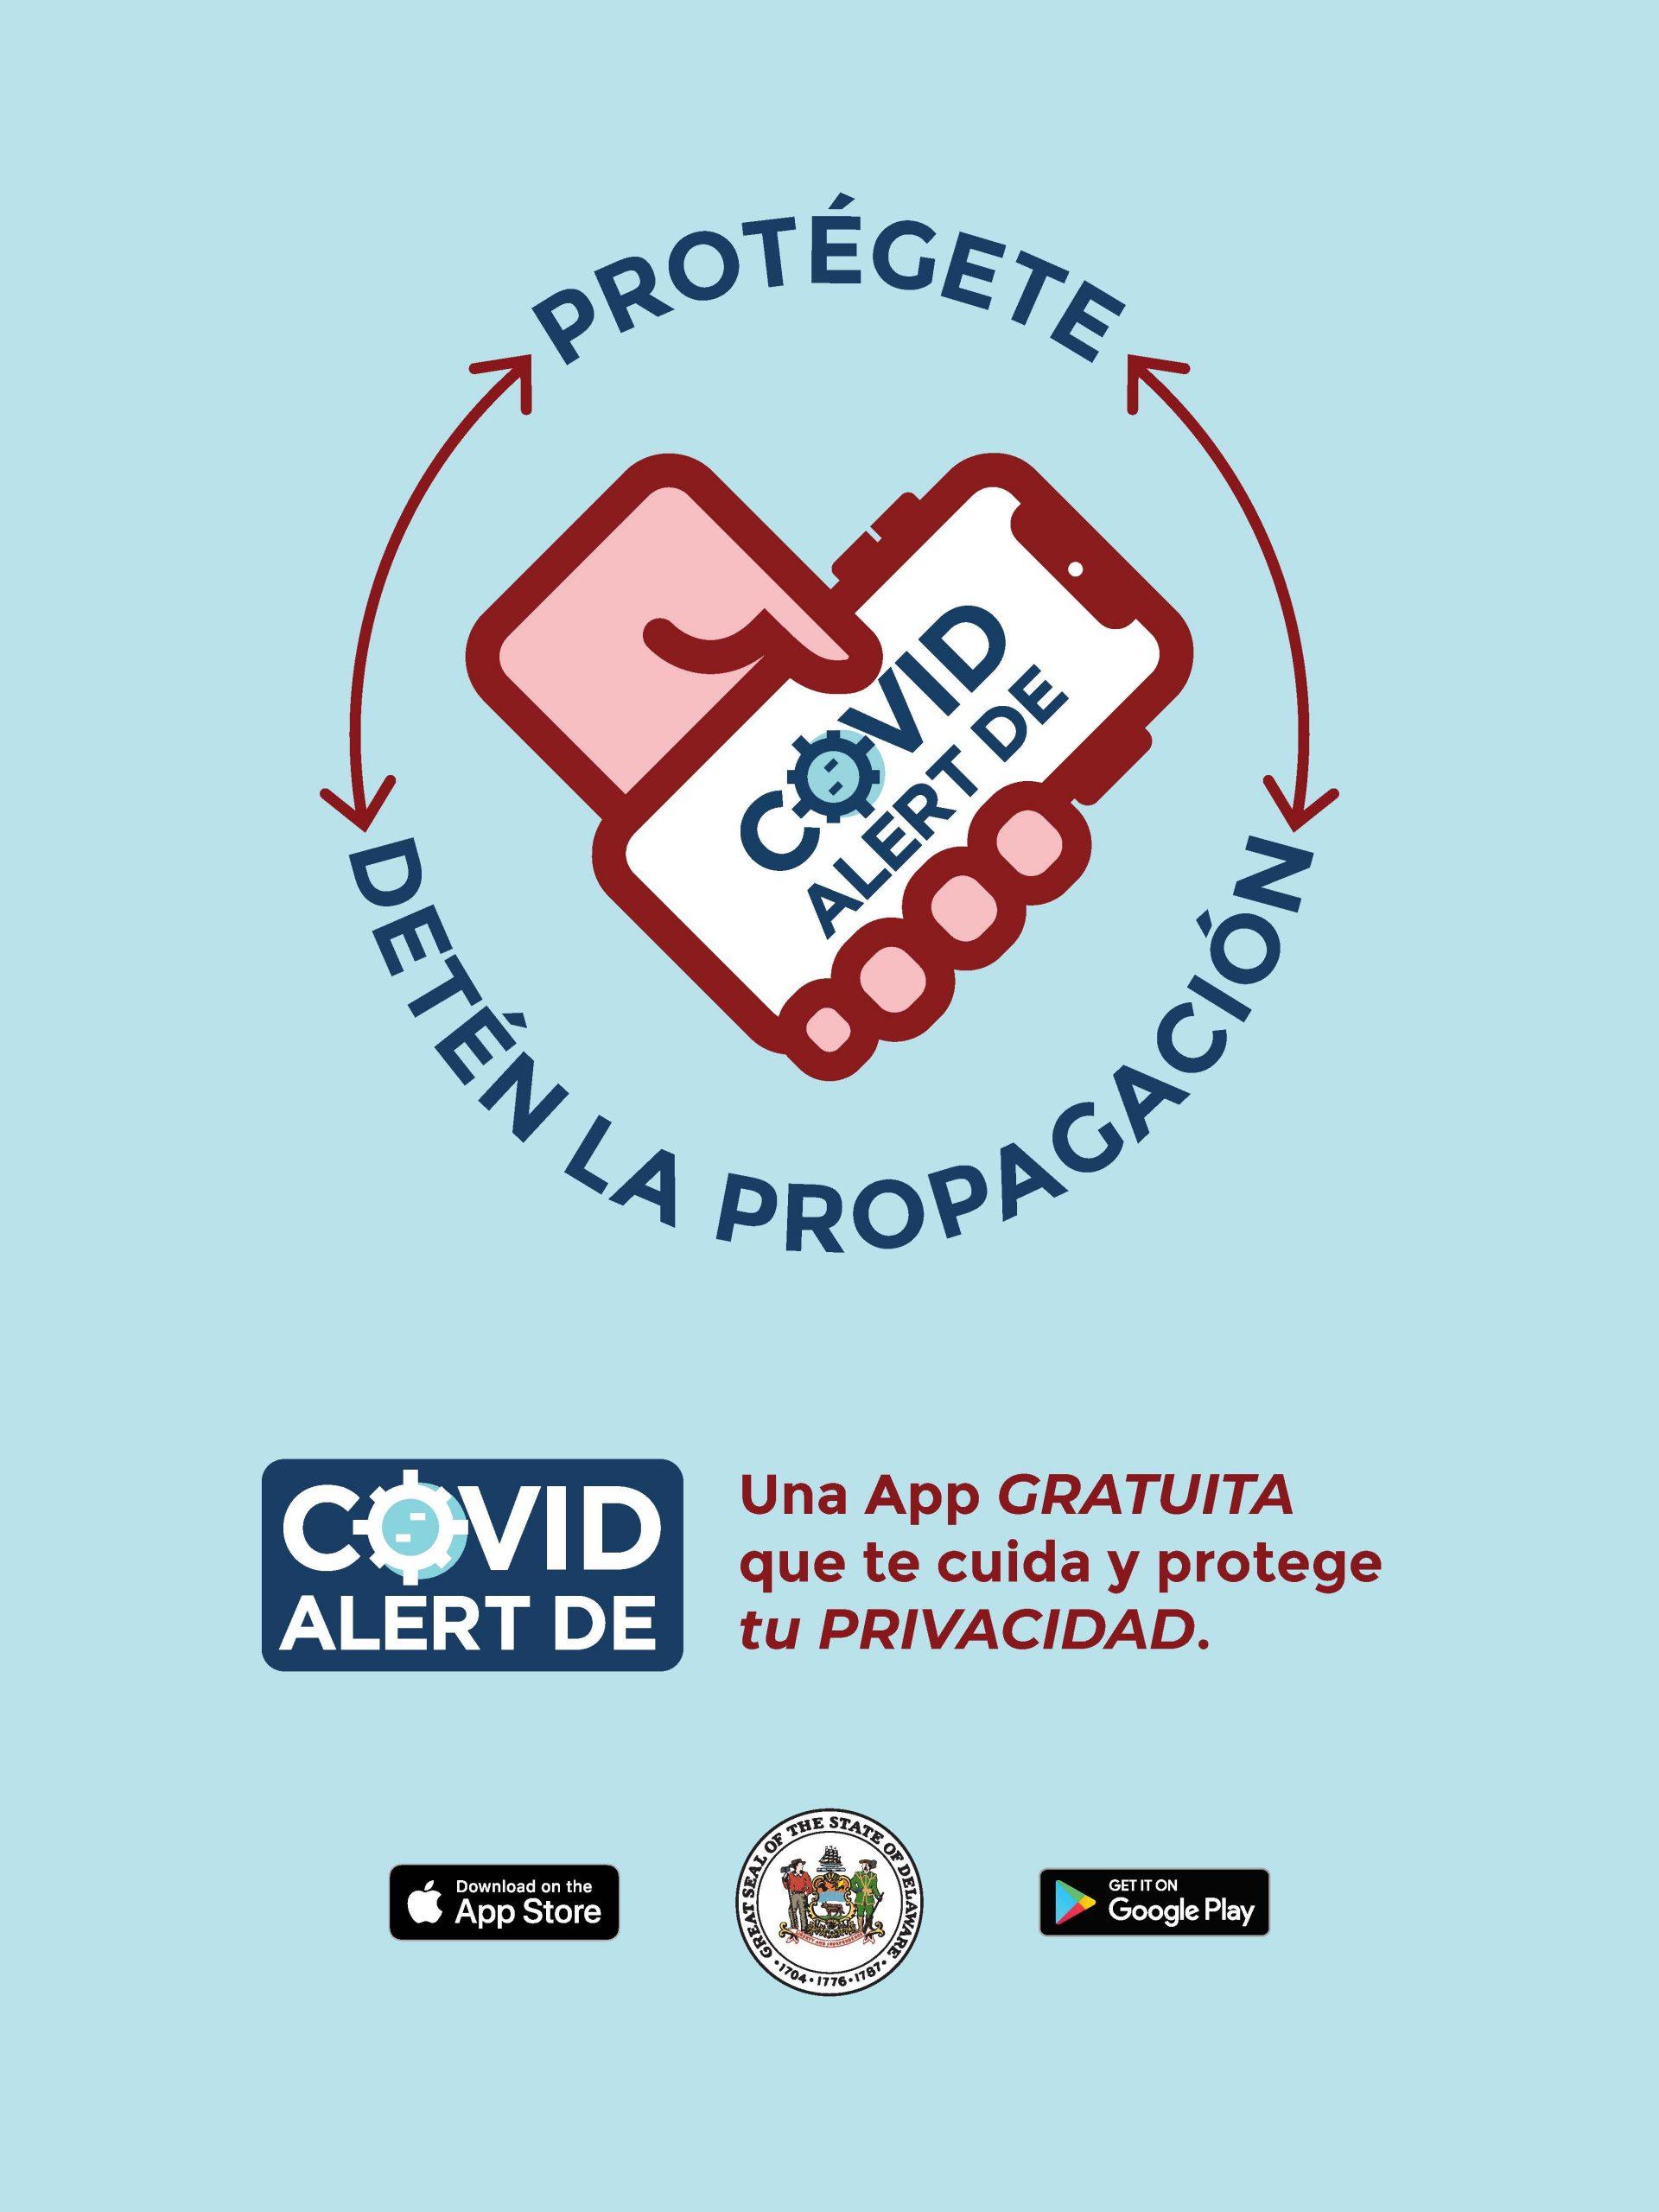 Covid Alert DE cartele